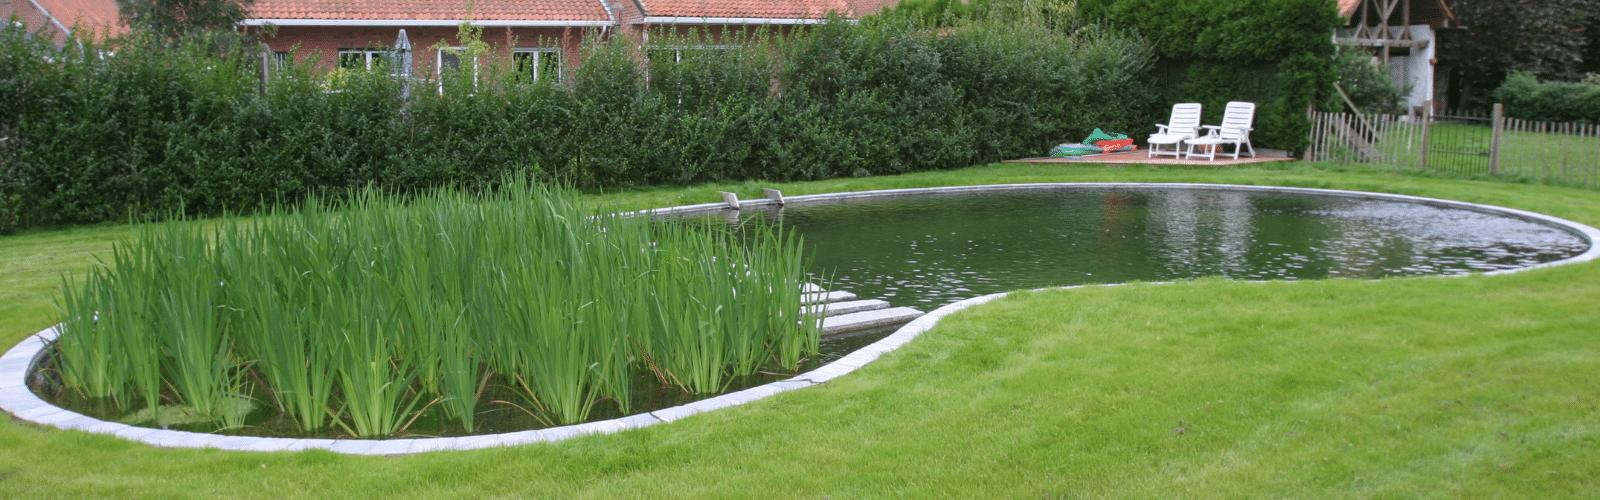 Ecologische zwemvijvers met natuurlijke filtering